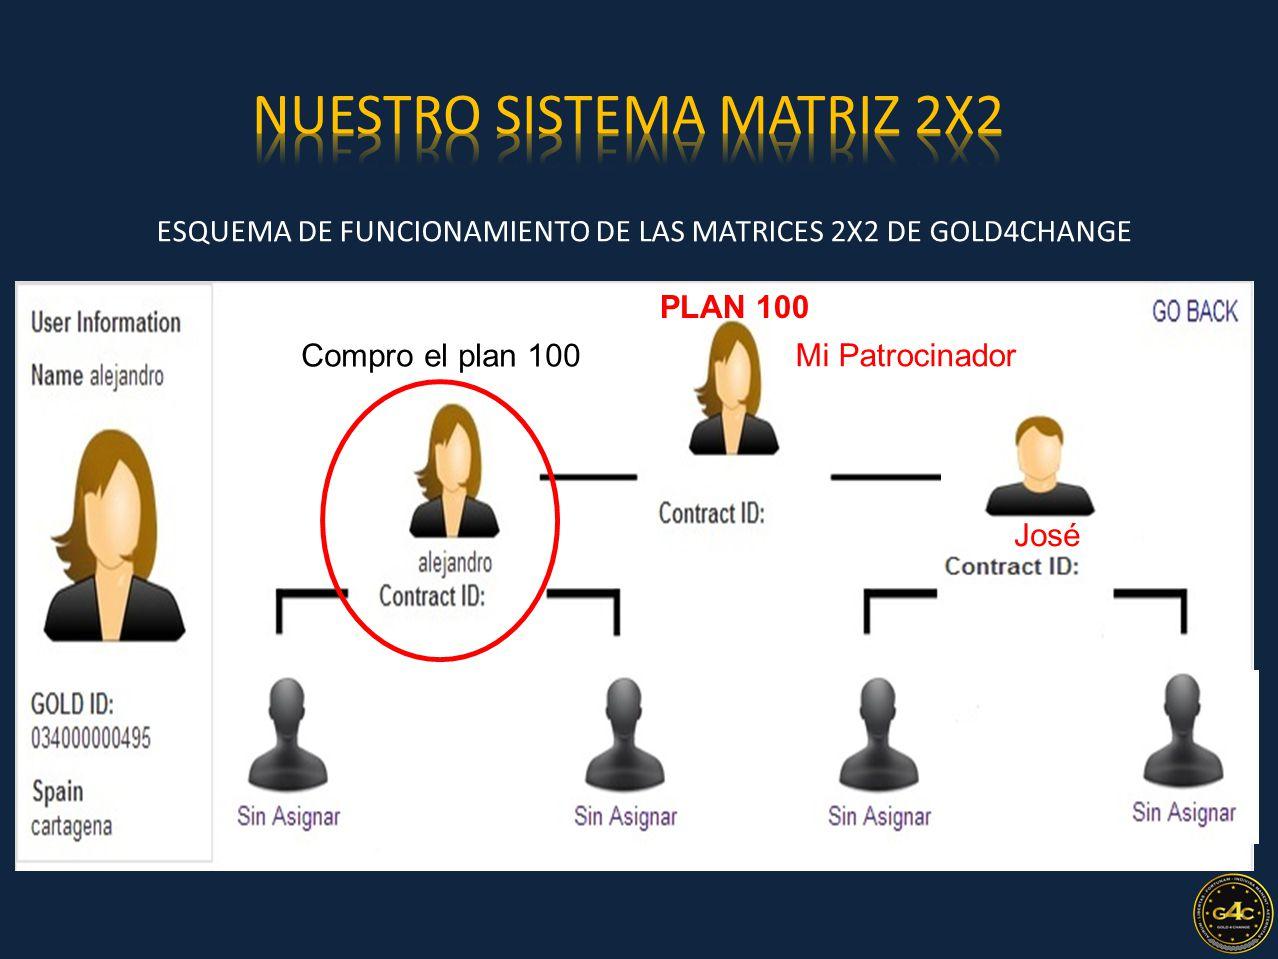 ESQUEMA DE FUNCIONAMIENTO DE LAS MATRICES 2X2 DE GOLD4CHANGE 2 Nivel Mi Patrocinador PLAN 100 Compro el plan 100 José